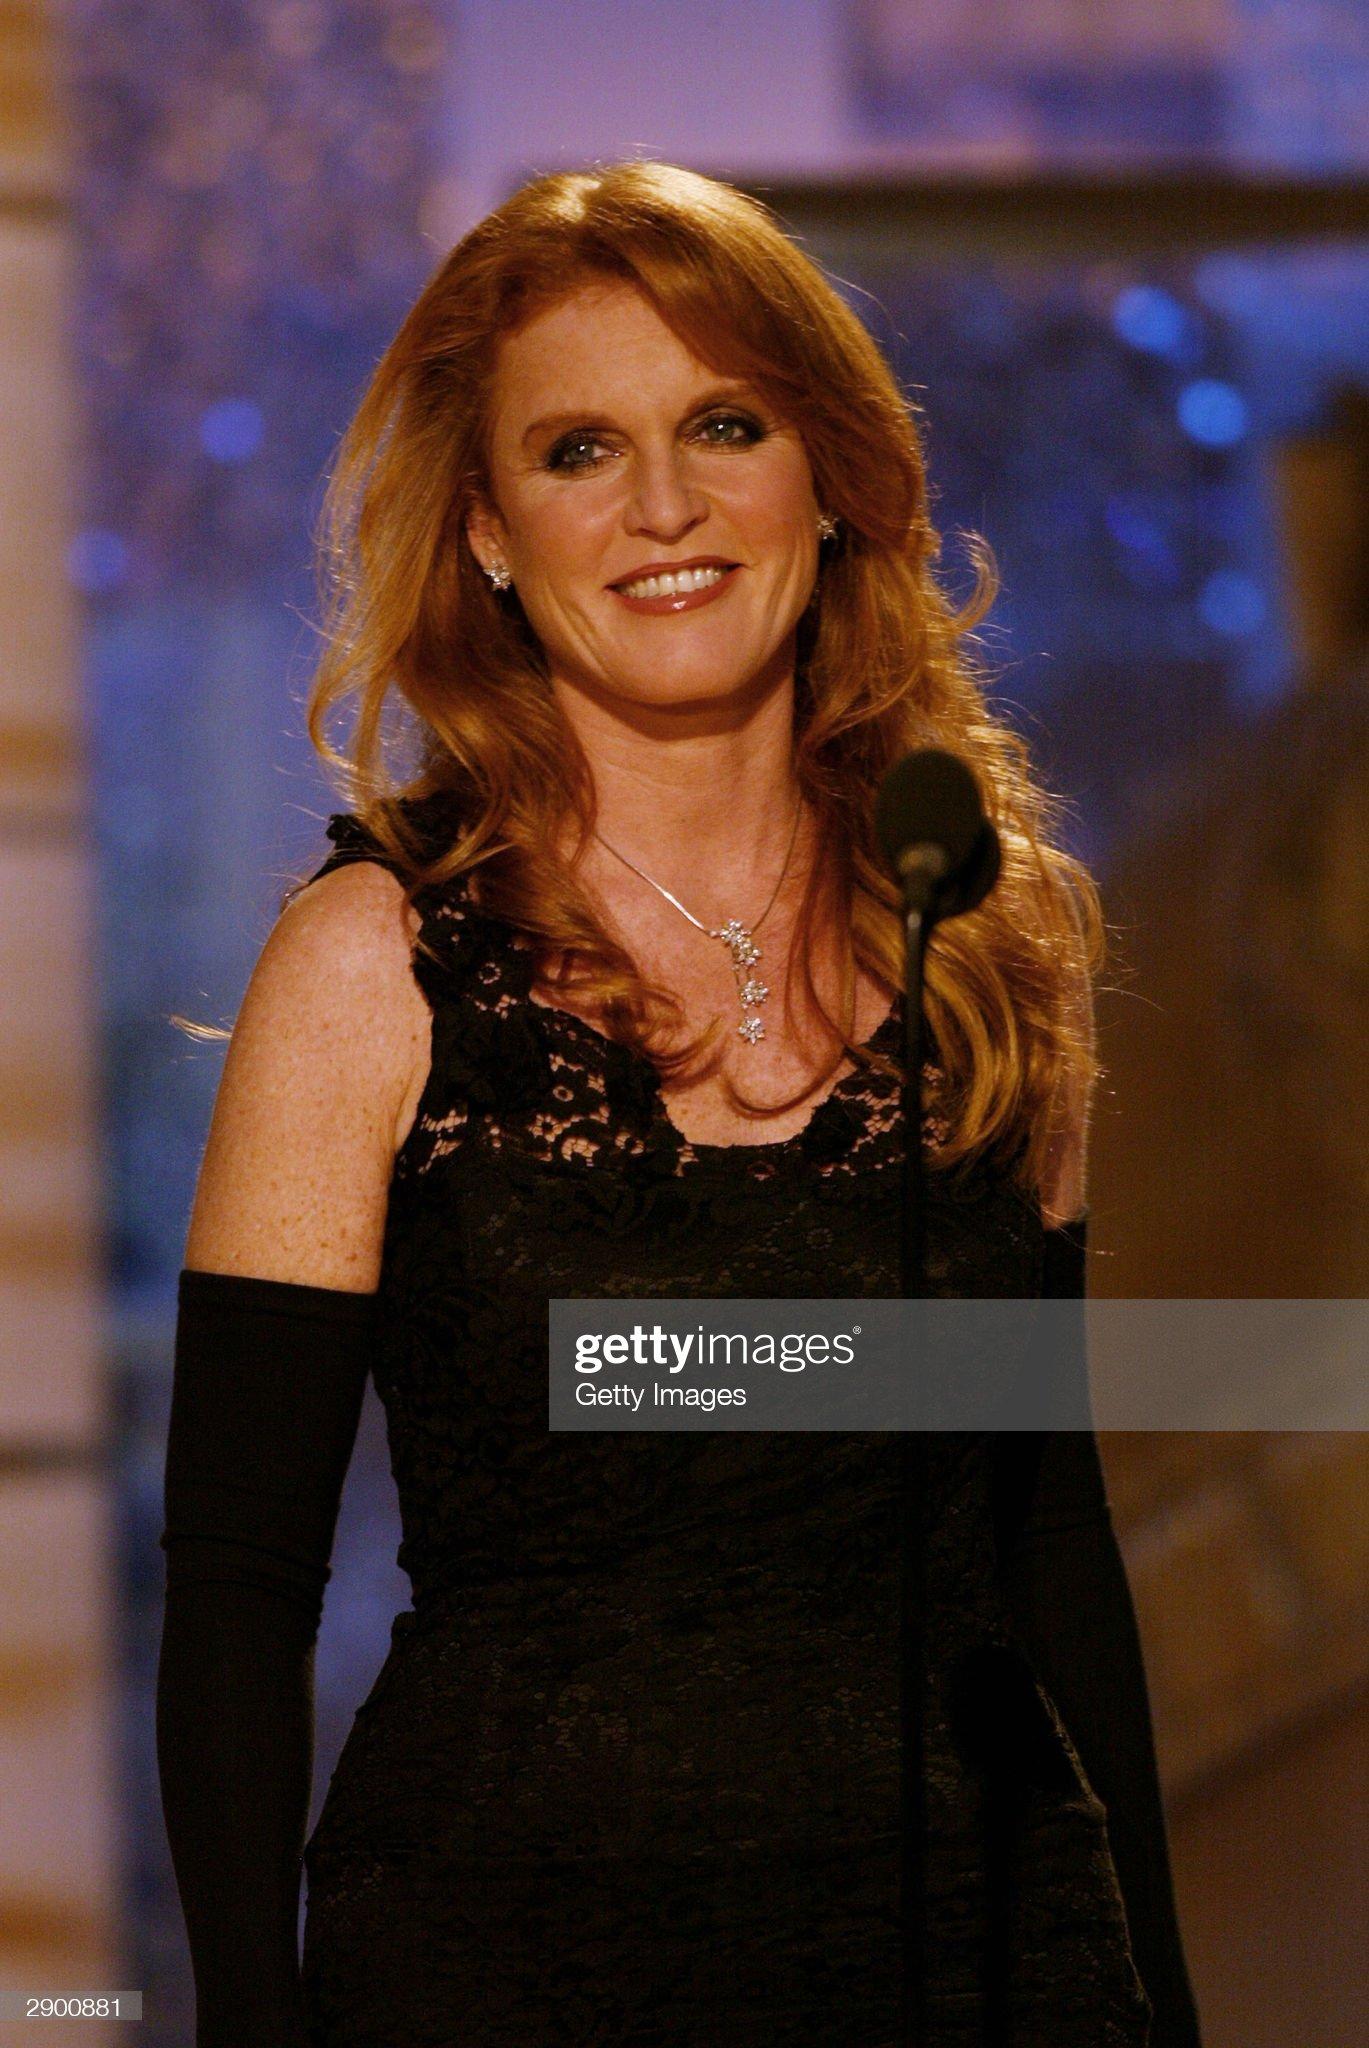 Вечерние наряды Отем пока еще Филлипс и Сары Йоркской 61st Annual Golden Globe Awards - Show : News Photo